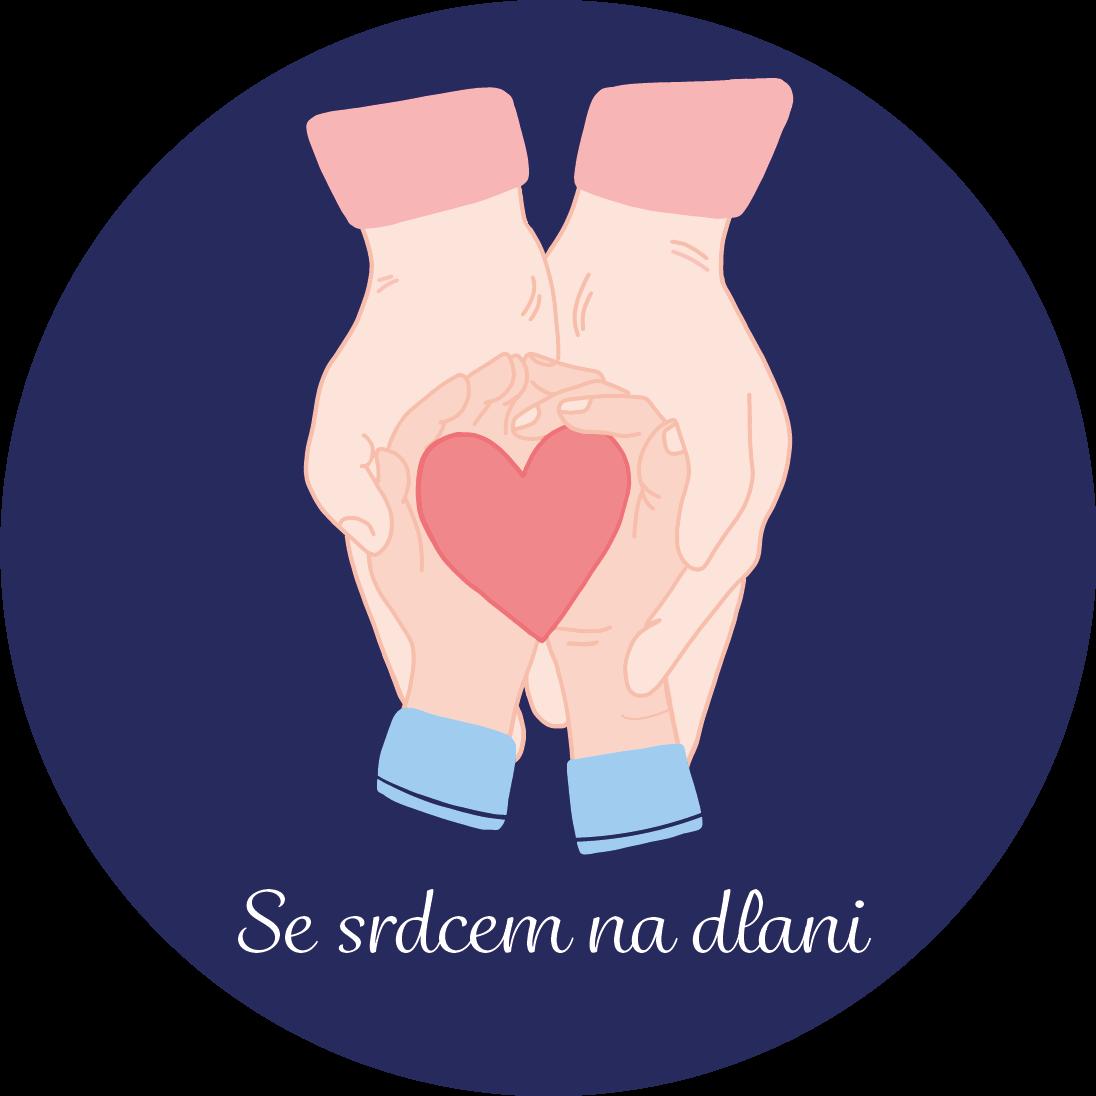 Se srdcem na dlani